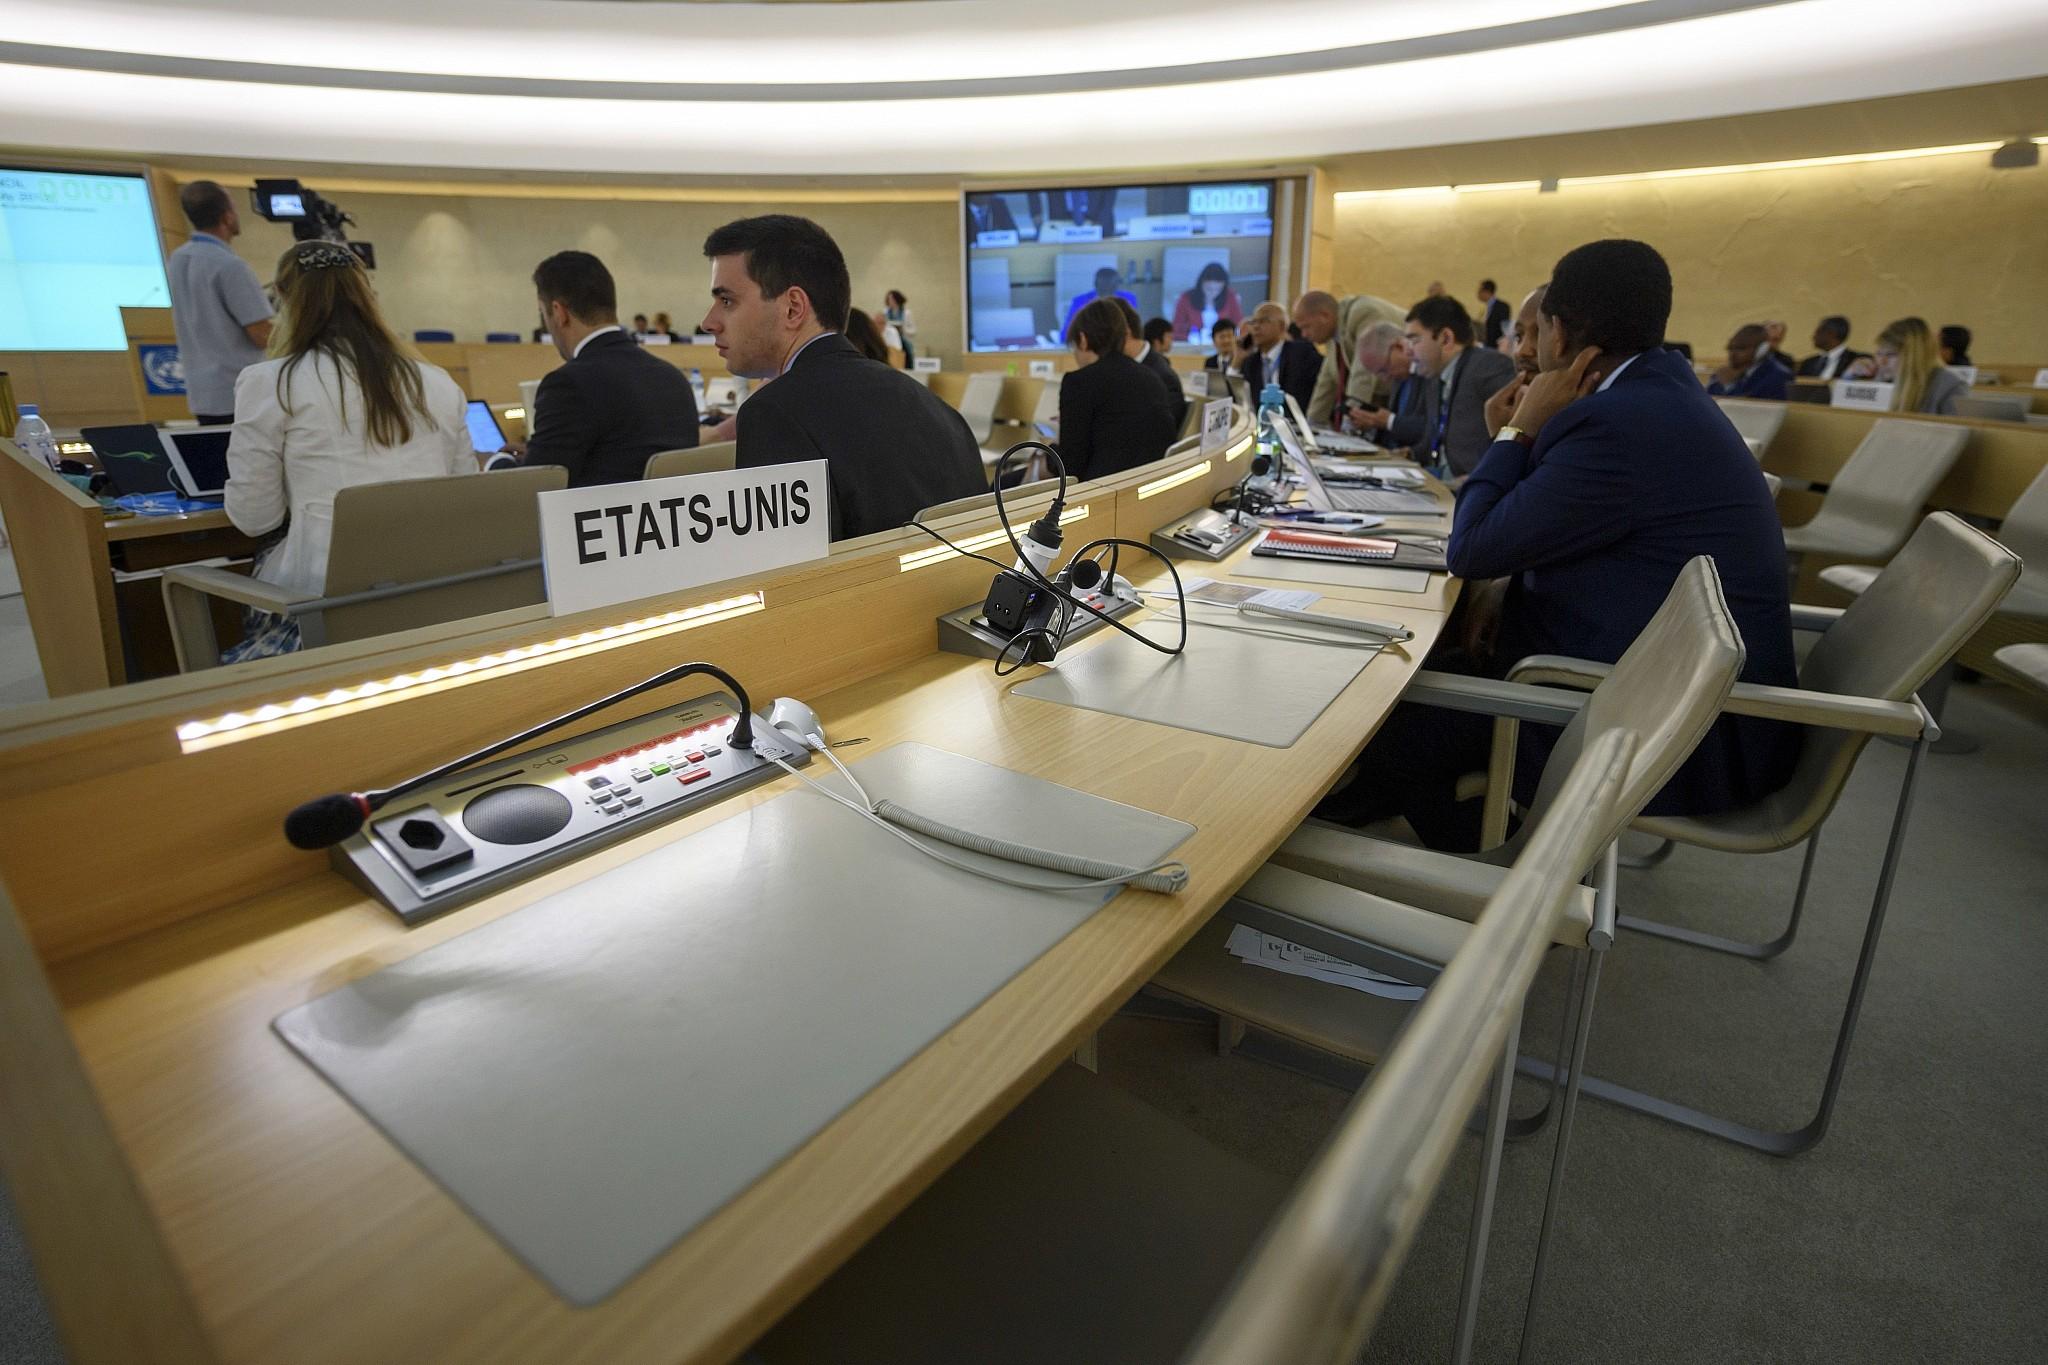 Bildergebnis für Human rights council usa